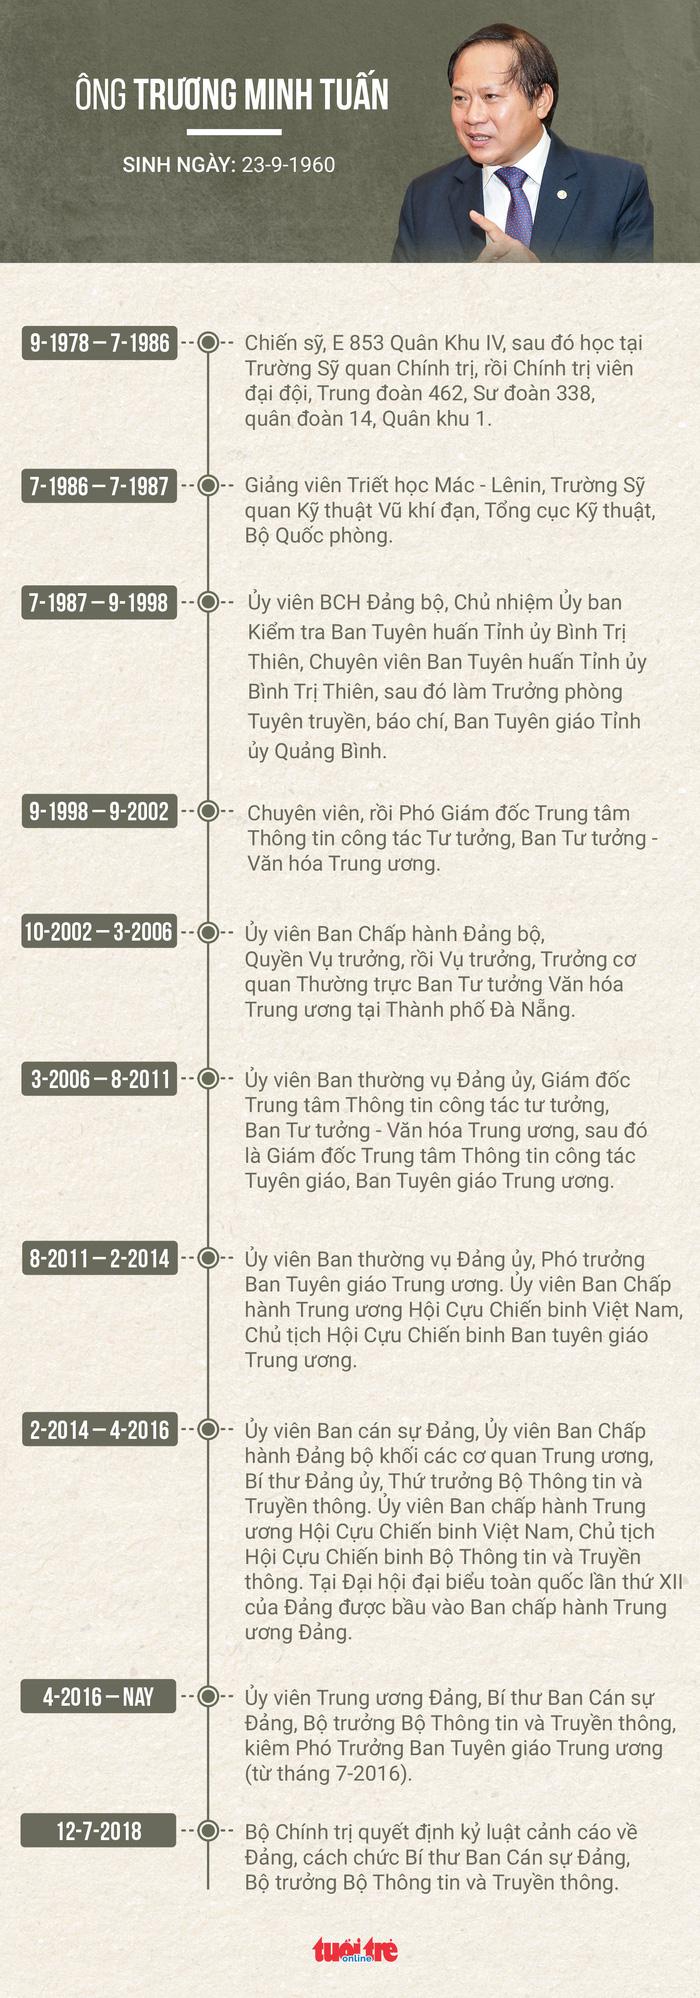 Bộ trưởng Trương Minh Tuấn bị cho thôi chức bí thư Ban cán sự đảng - Ảnh 2.